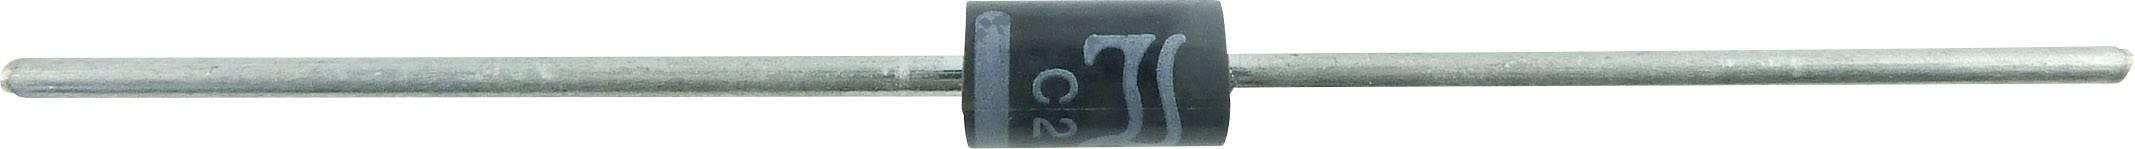 Schottkyho usmerňovacia dióda Diotec SB320, 3 A, 20 V